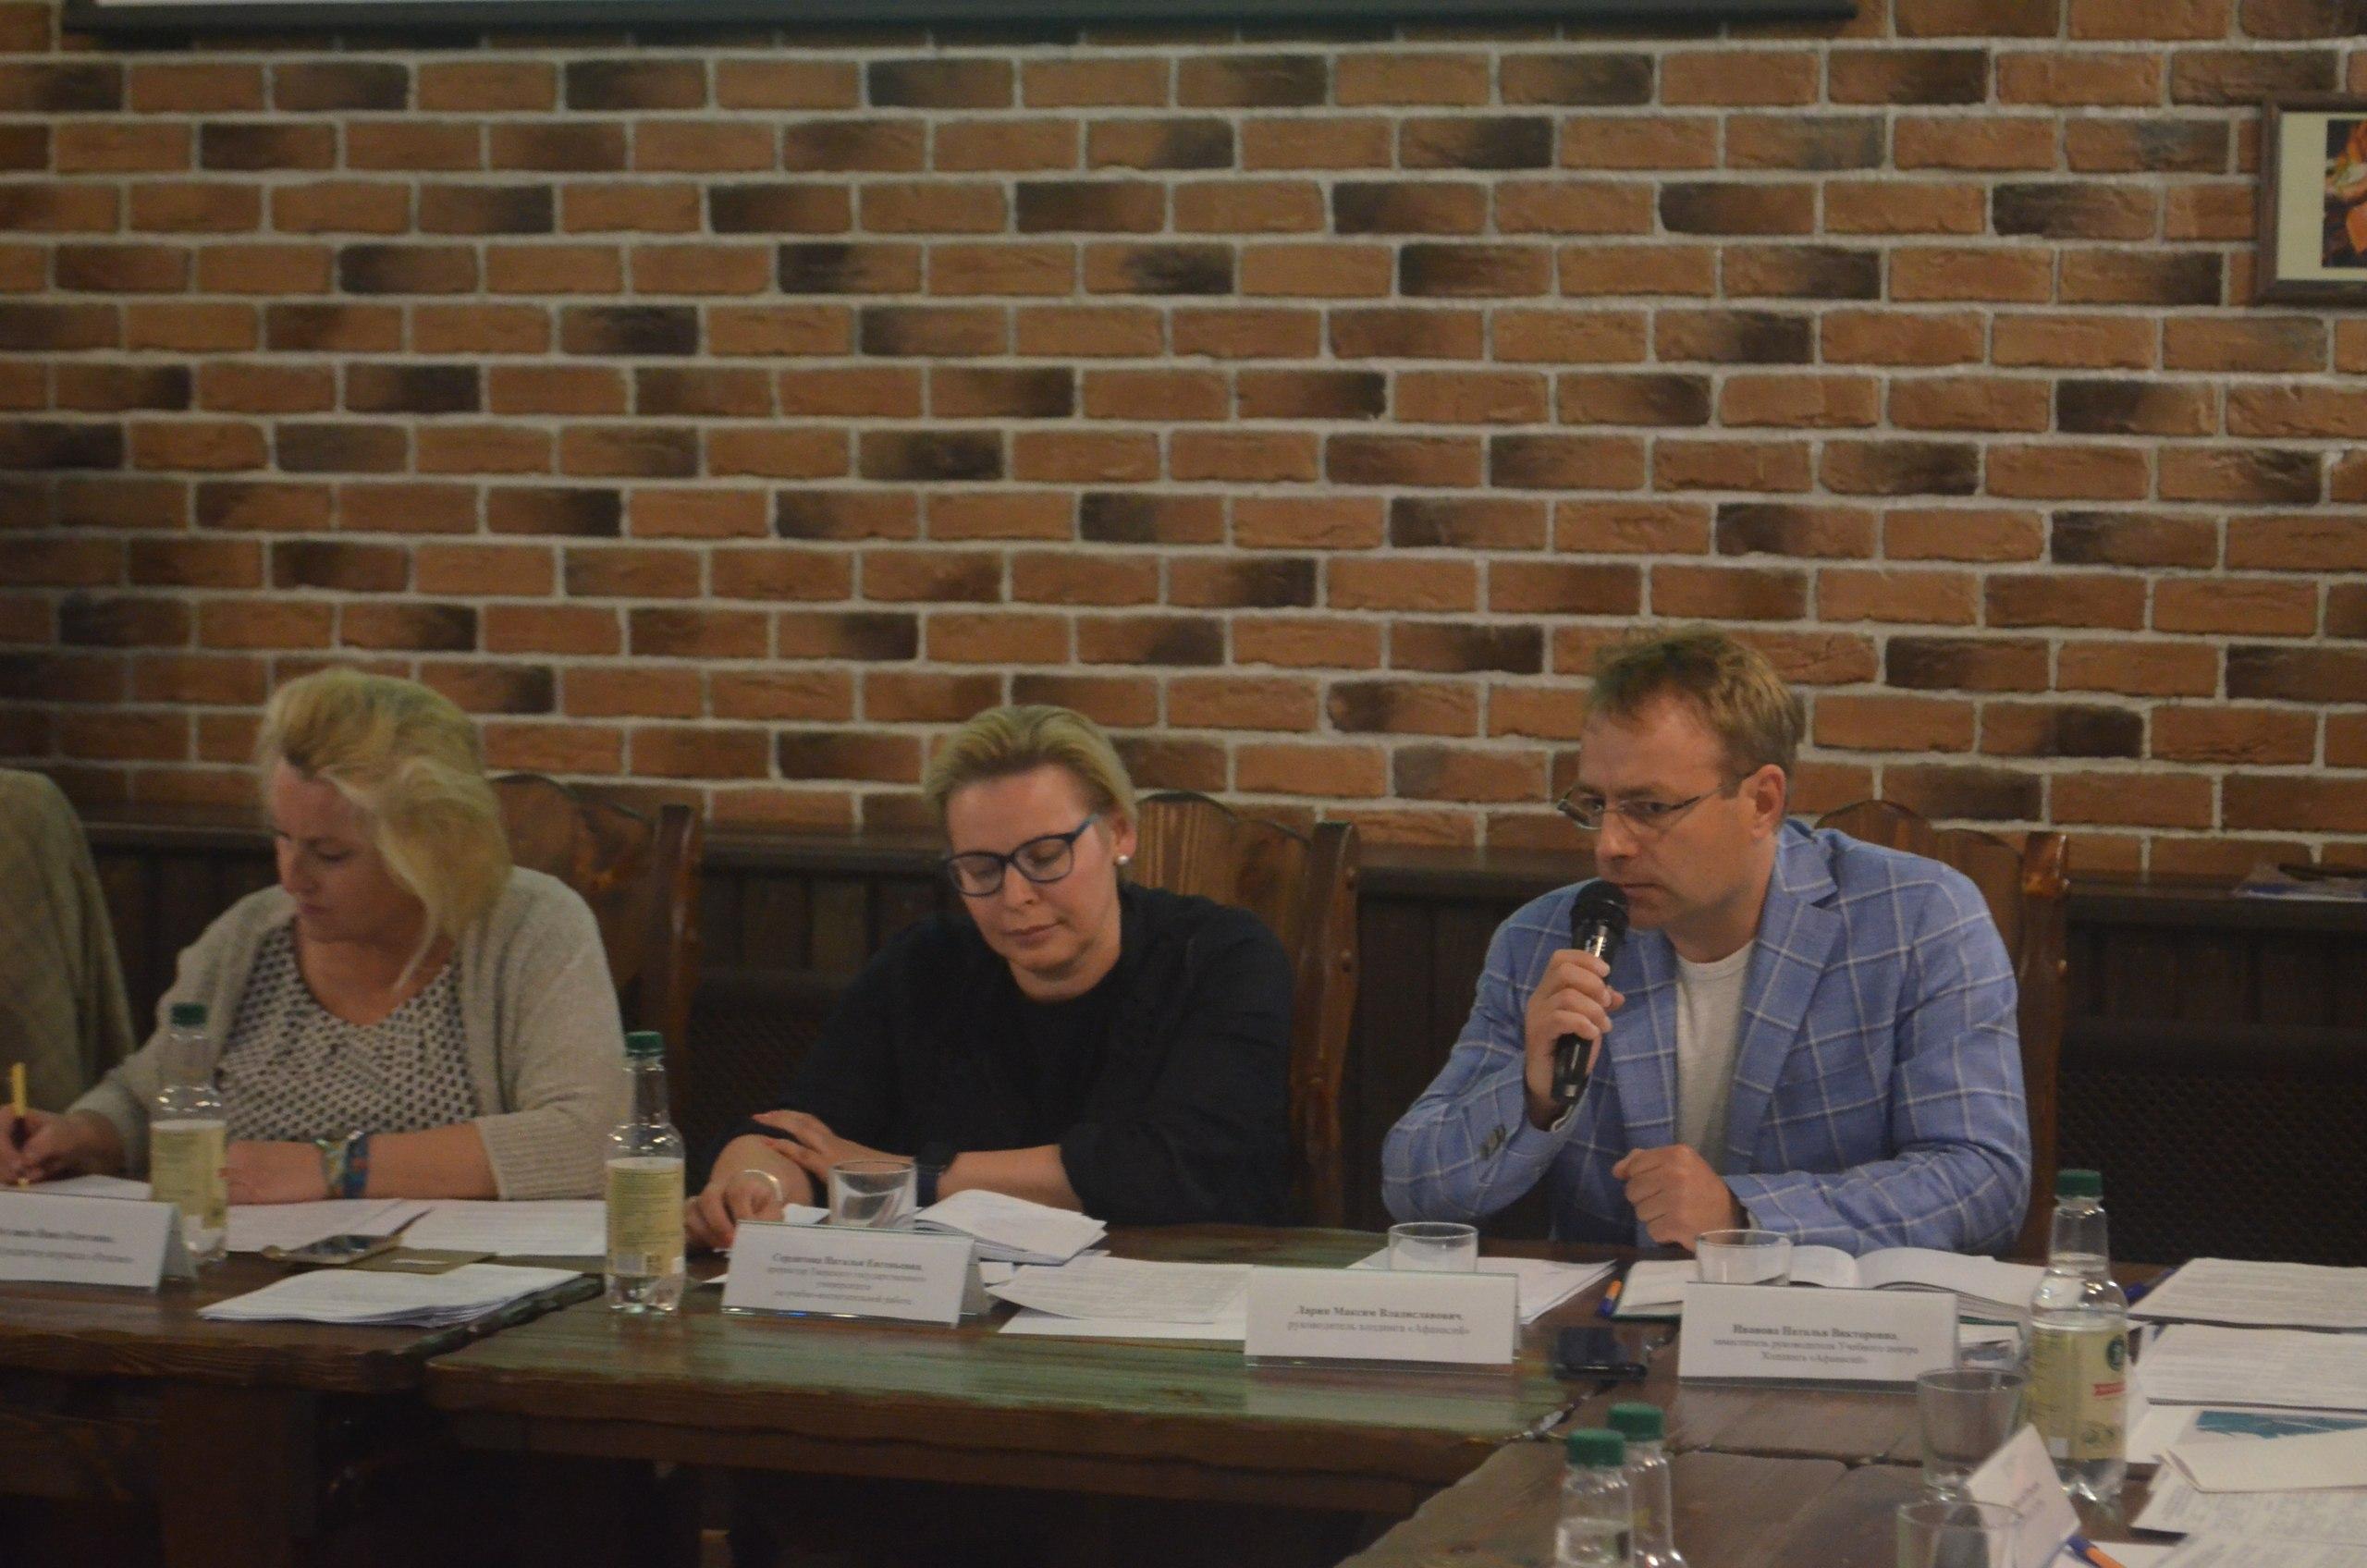 В Твери обсудили вопросы профилирования образования под запросы бизнеса и предприятий